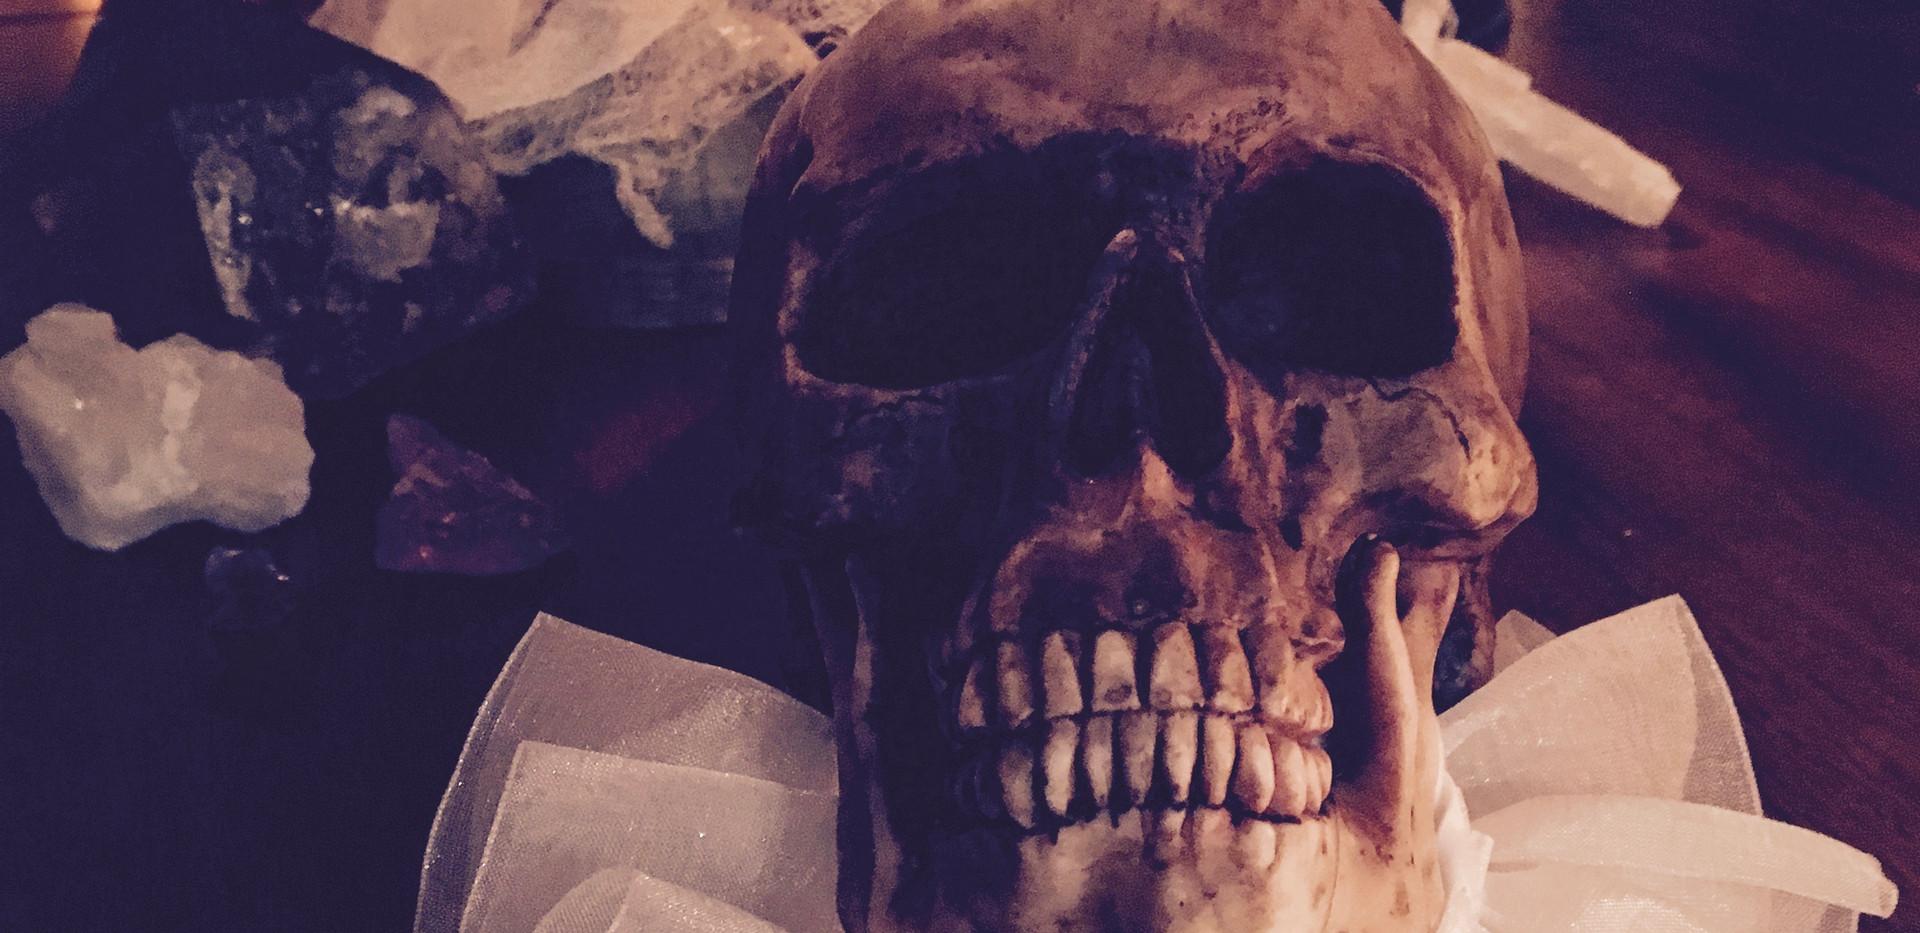 Skull & Ruff